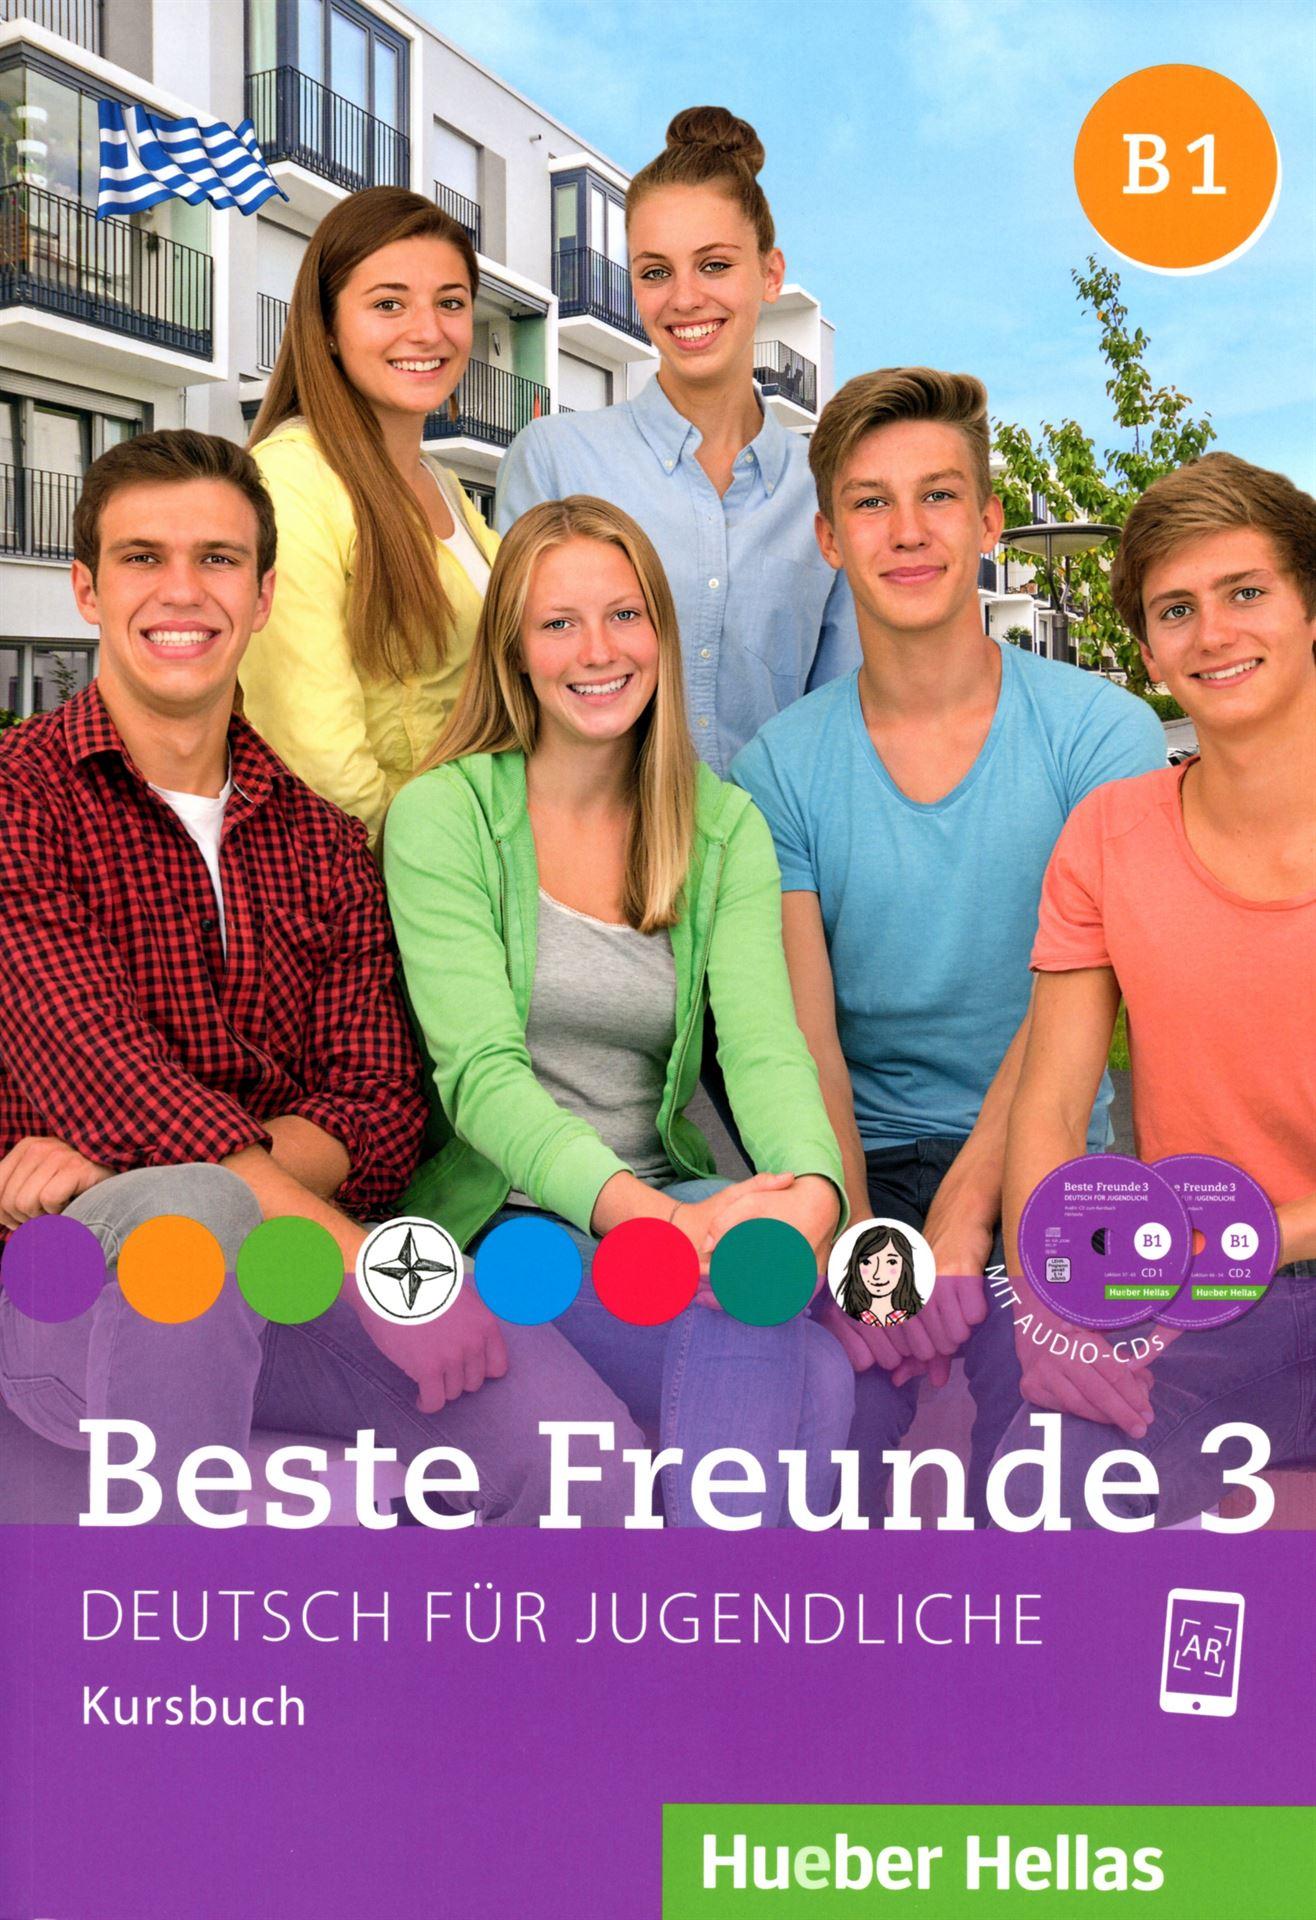 Bild für Kategorie Beste Freunde 3